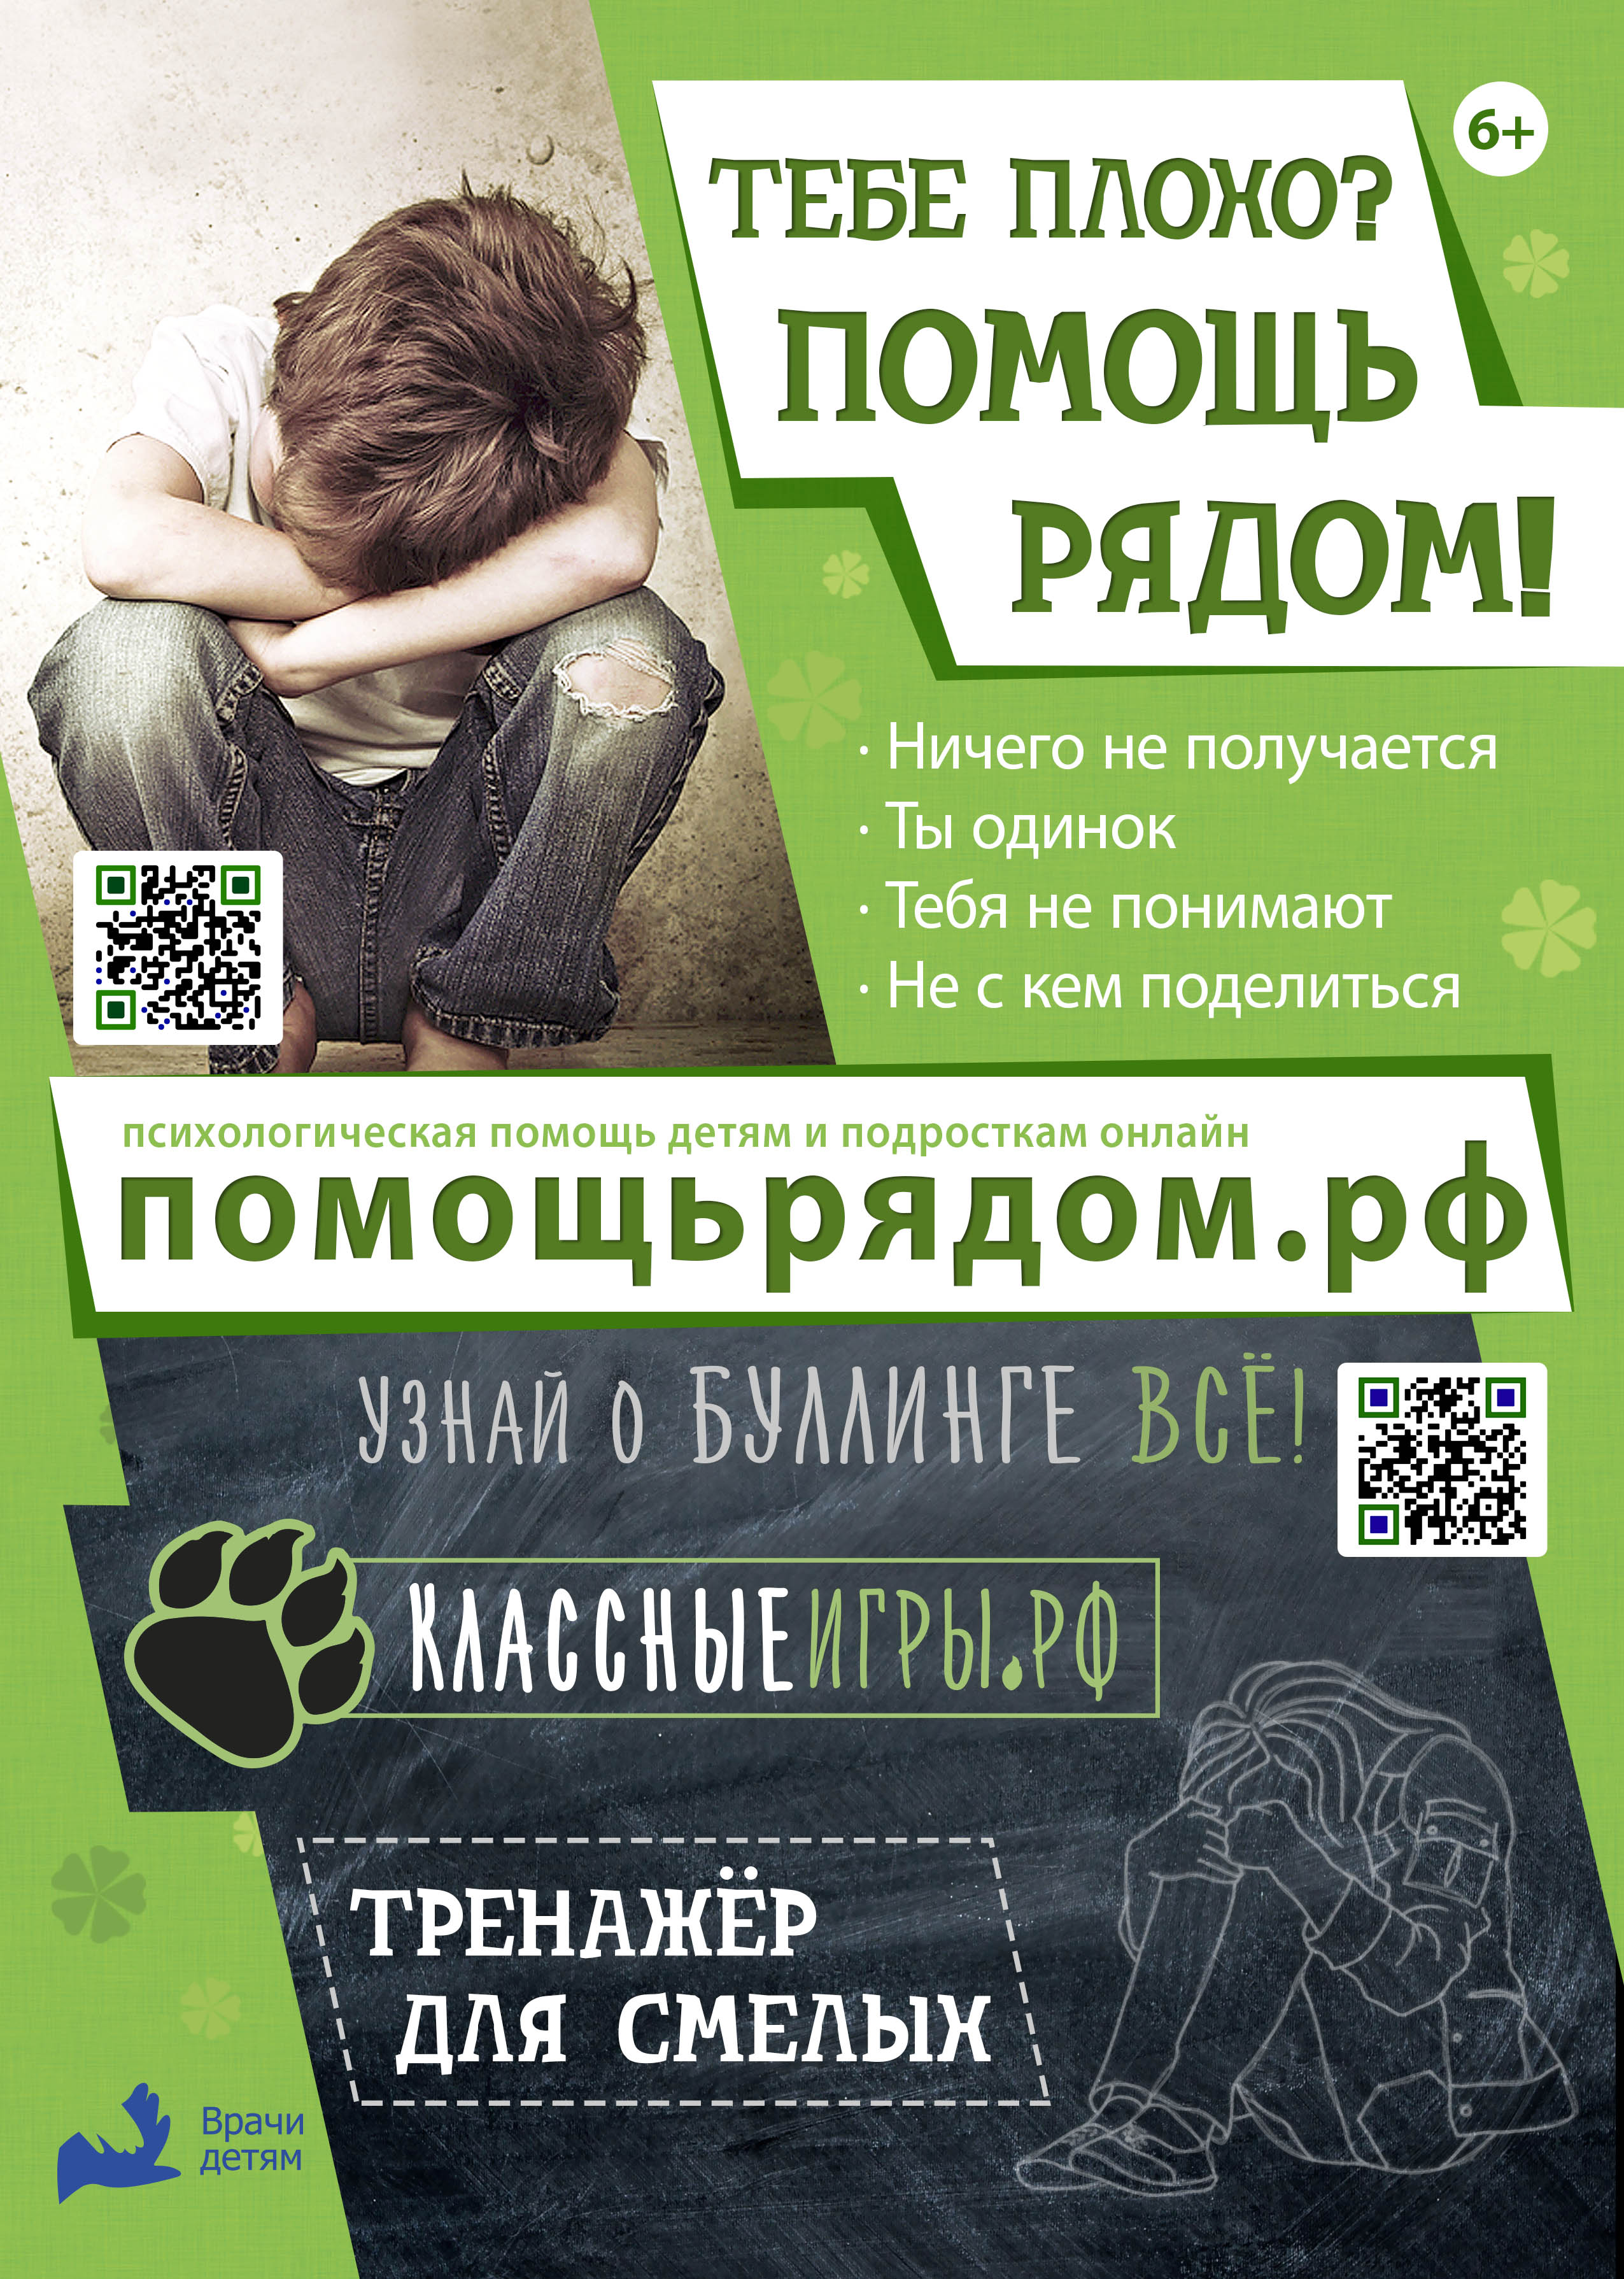 Форум психологическая помощь подросткам бесплатно клиники психотерапевт в екатеринбурге